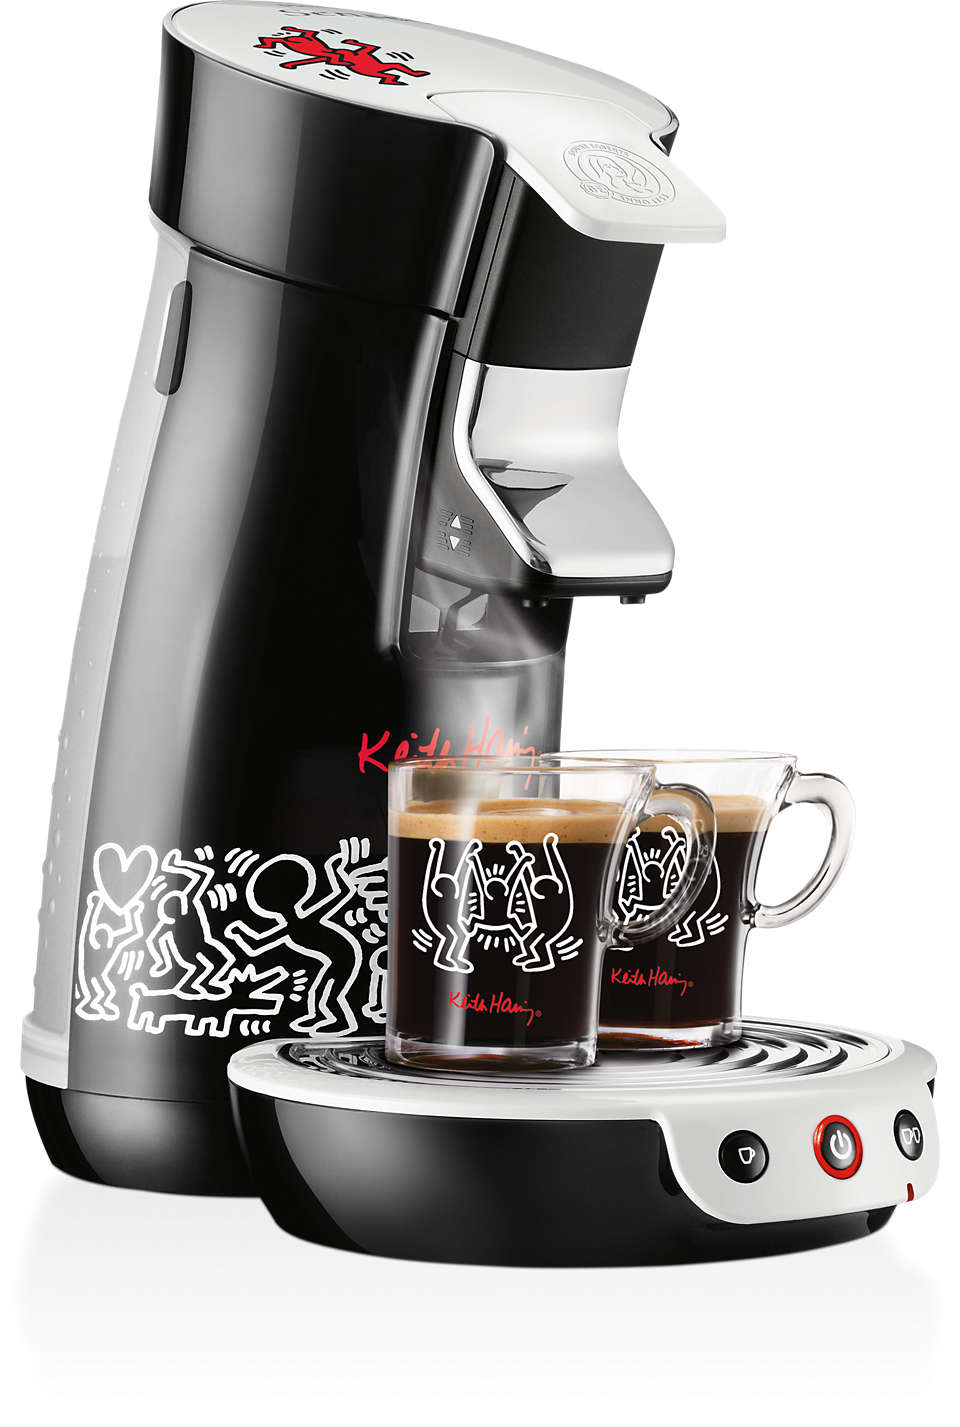 Káva Gourmet jednoduše